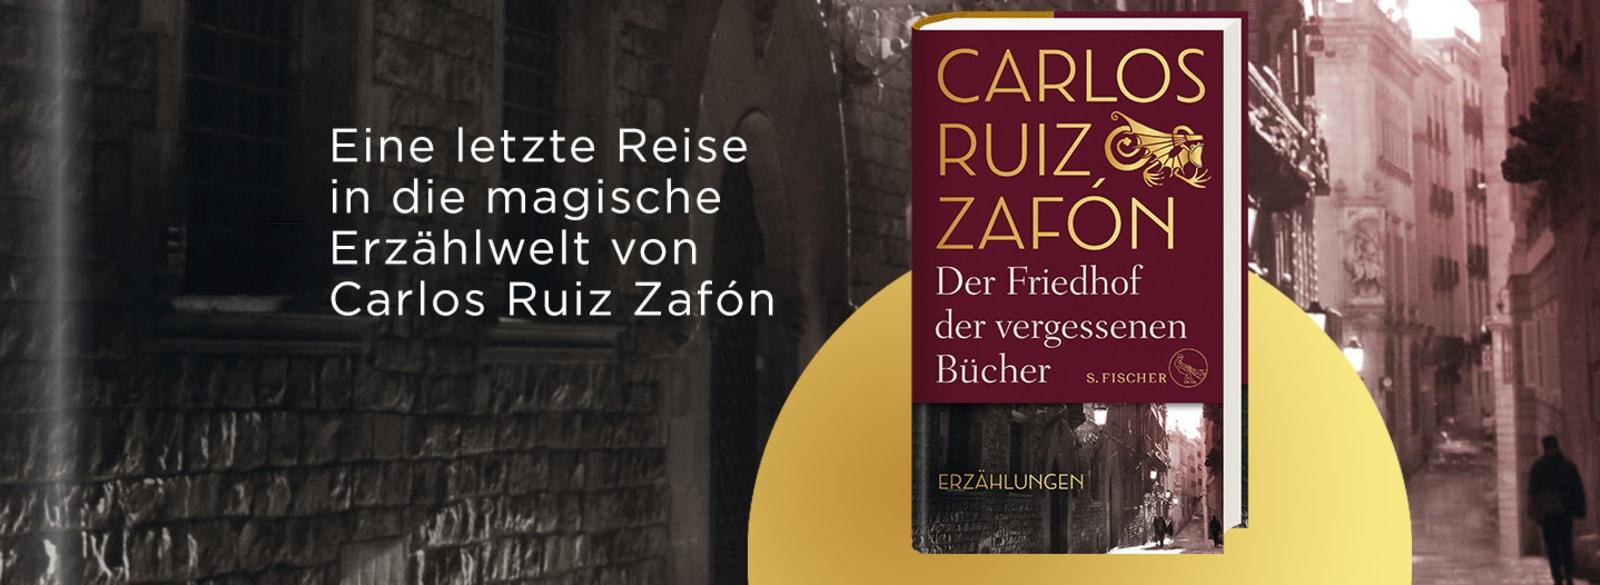 Zafon Friedhof vergessenen Bücher HC